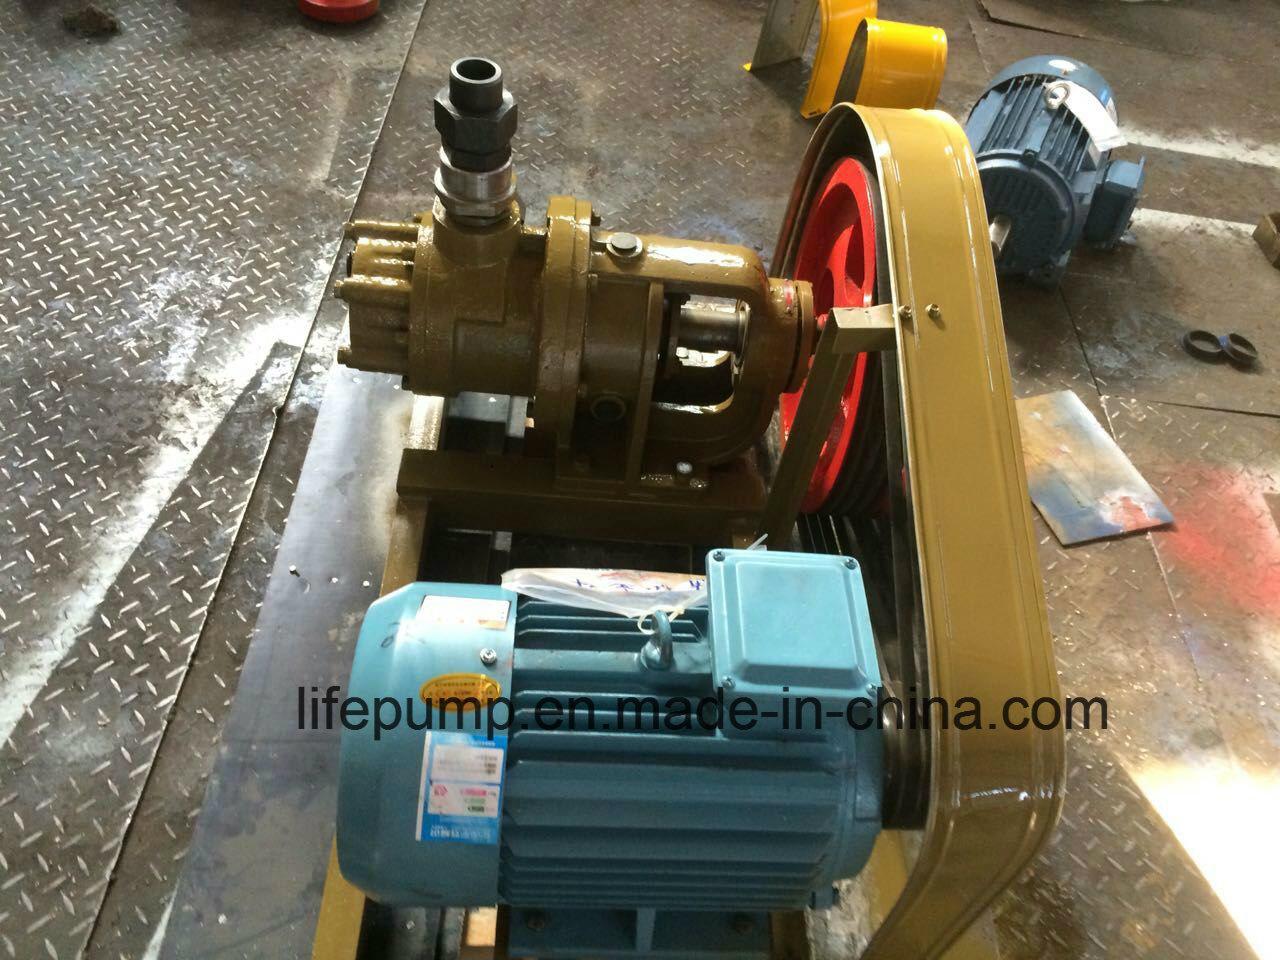 [Hot Item] High Viscosity Nyp Series Inner Oil Gear Pump